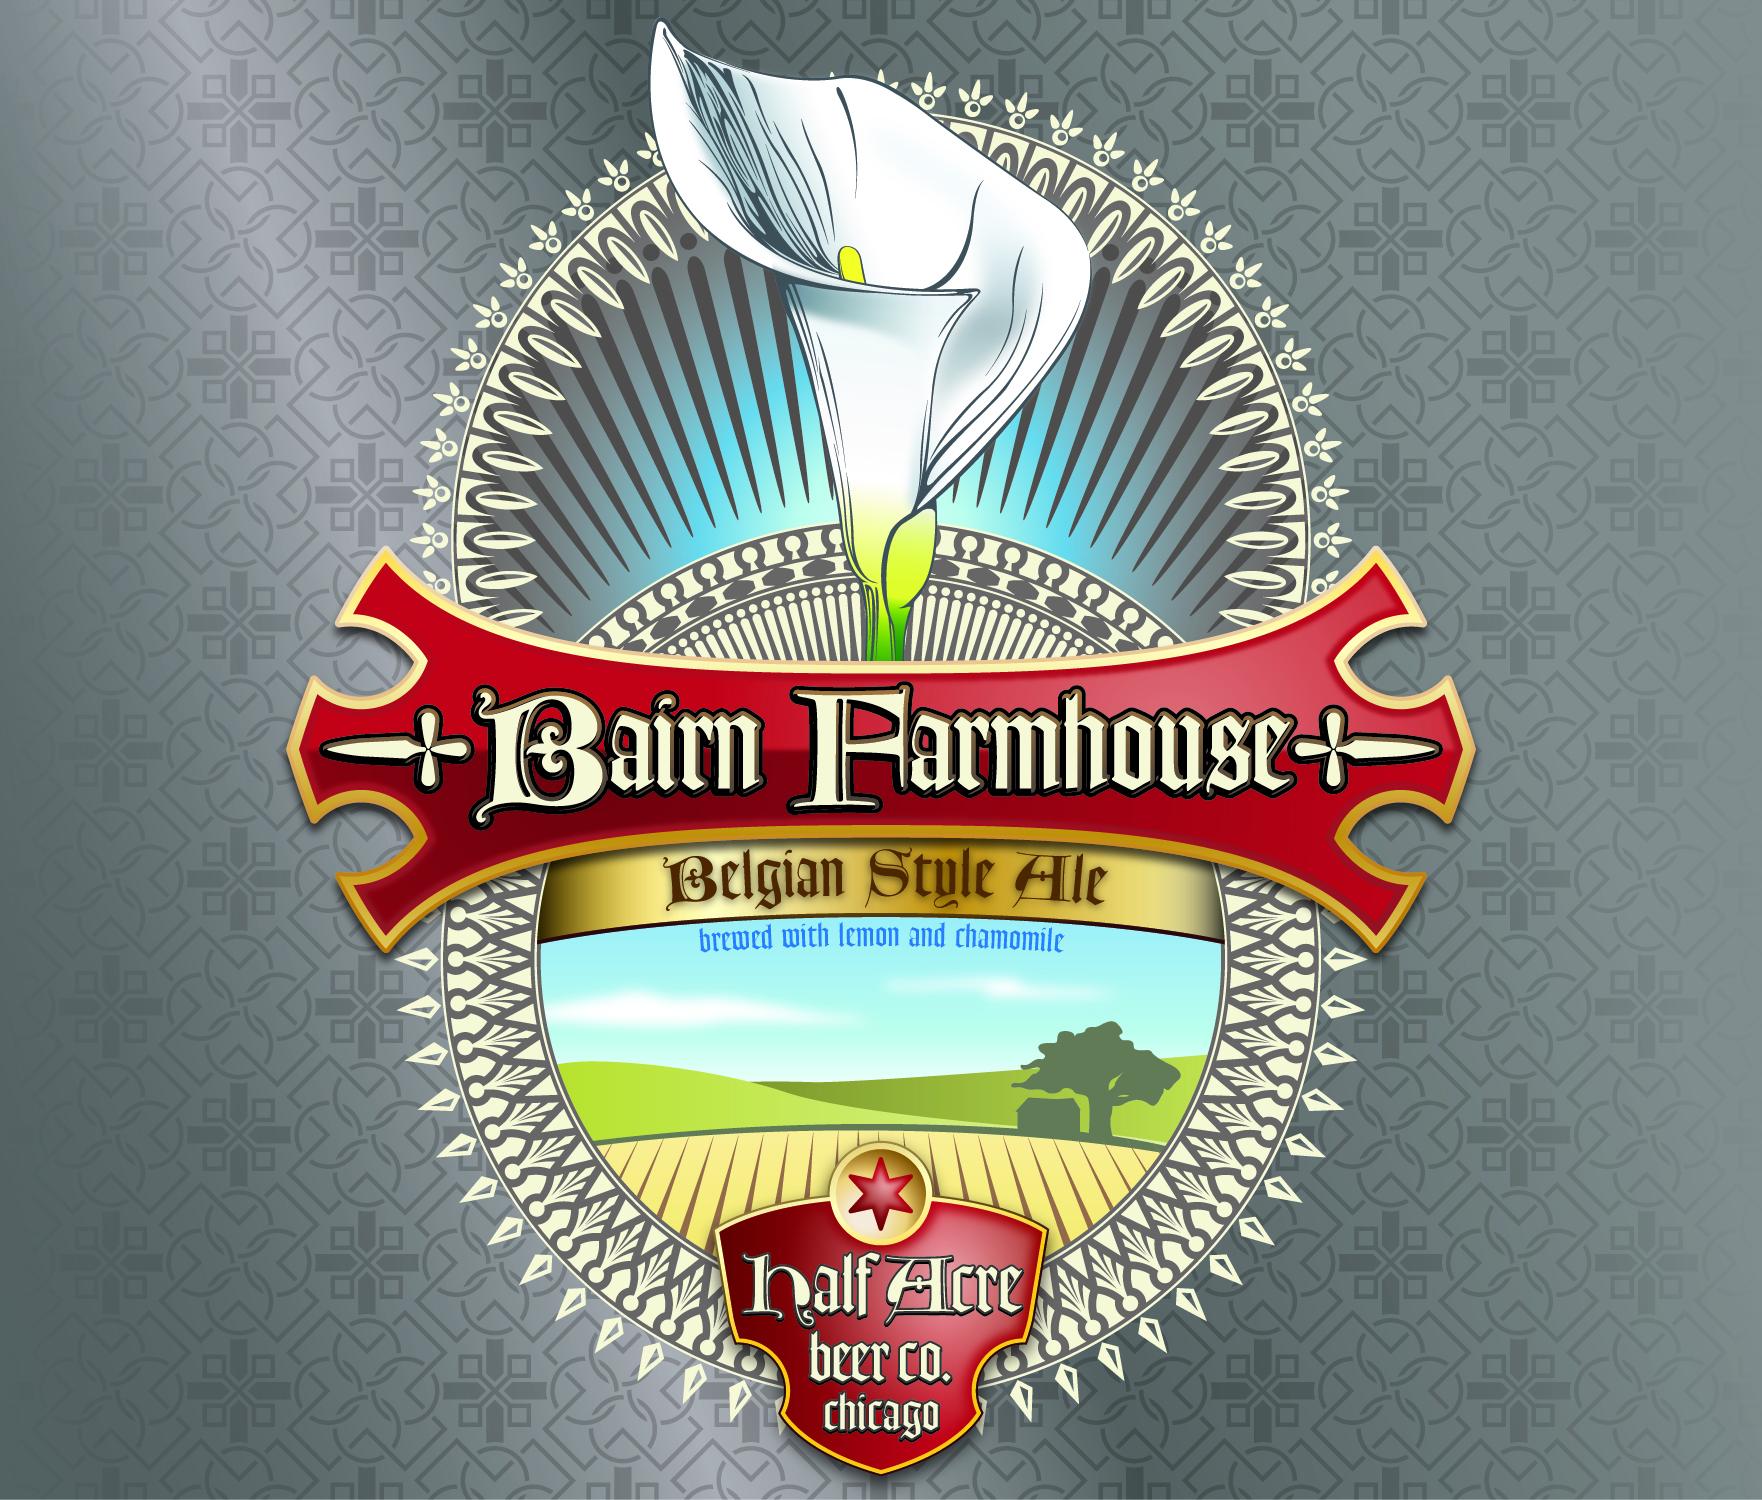 Bairn Farmhouse Art.jpg